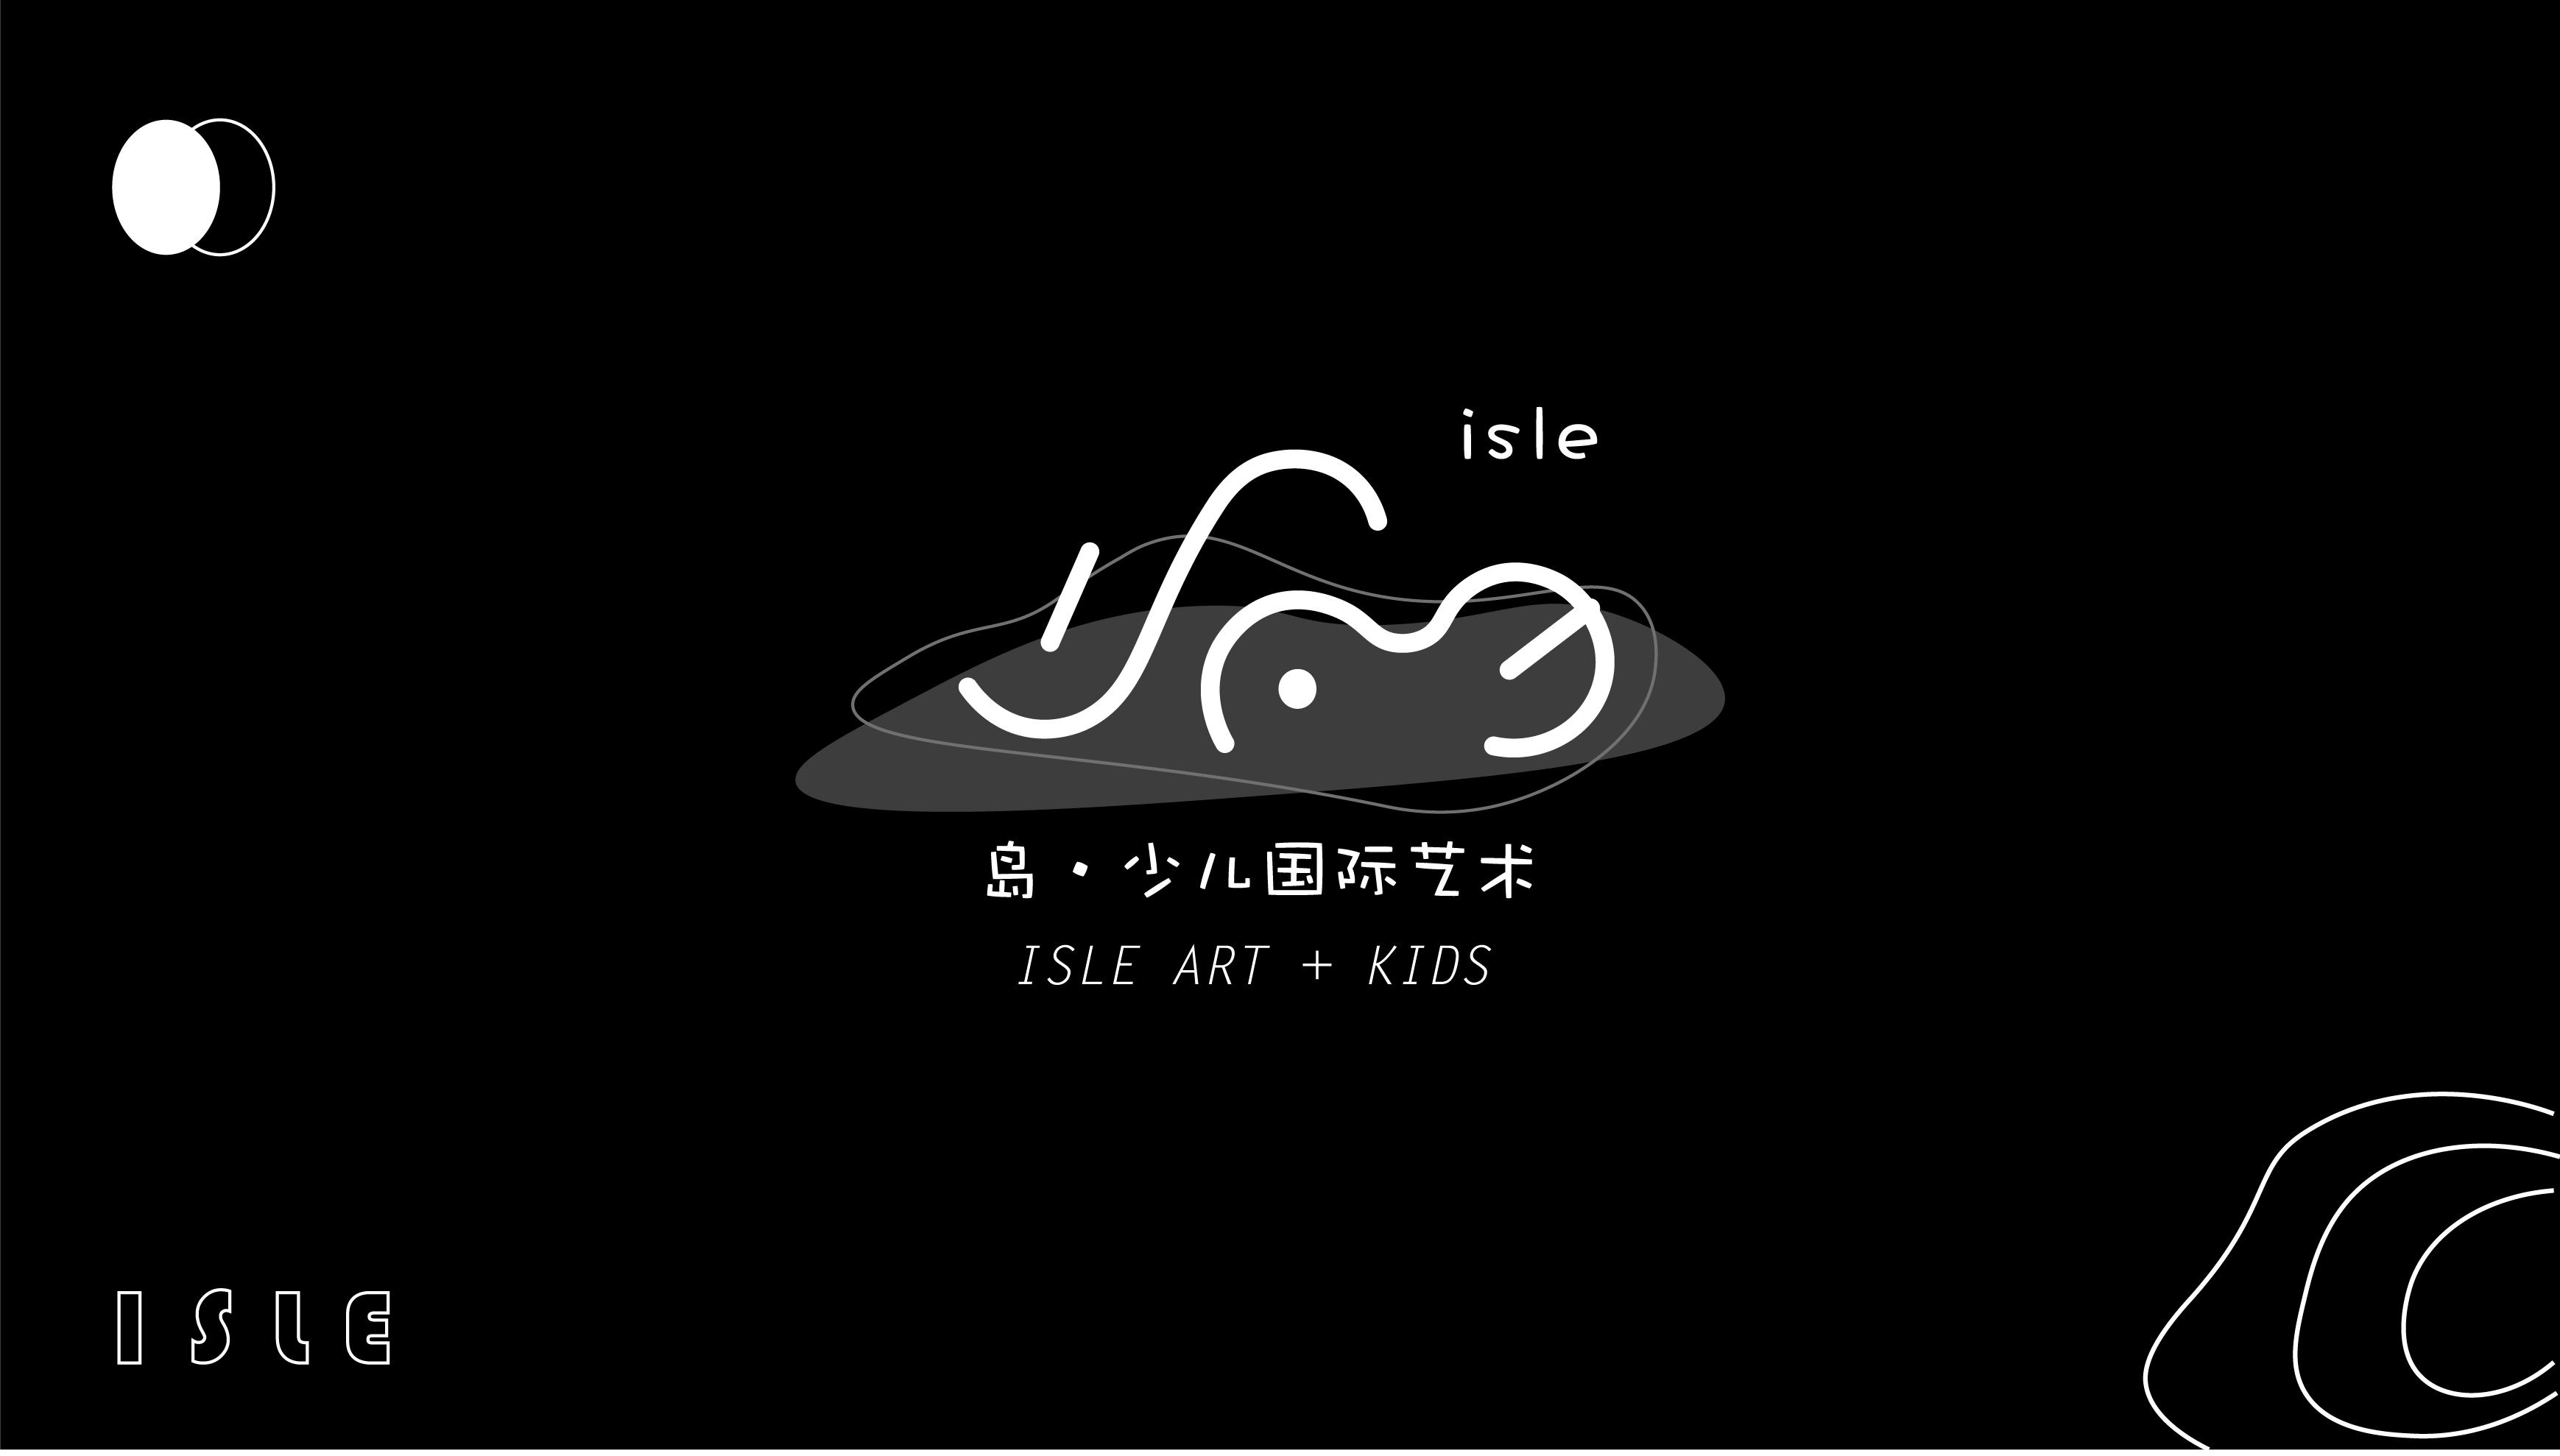 岛▪国际艺术教育